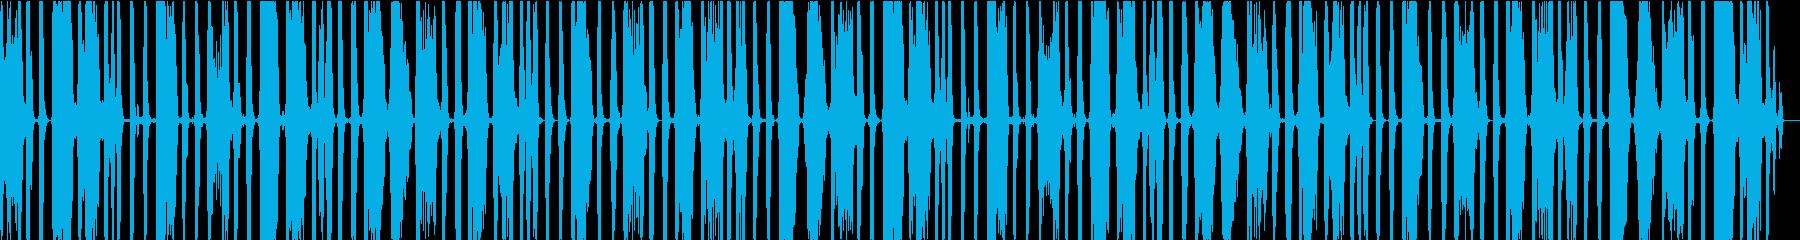 ボイスパーカッション・ビートボックス_6の再生済みの波形